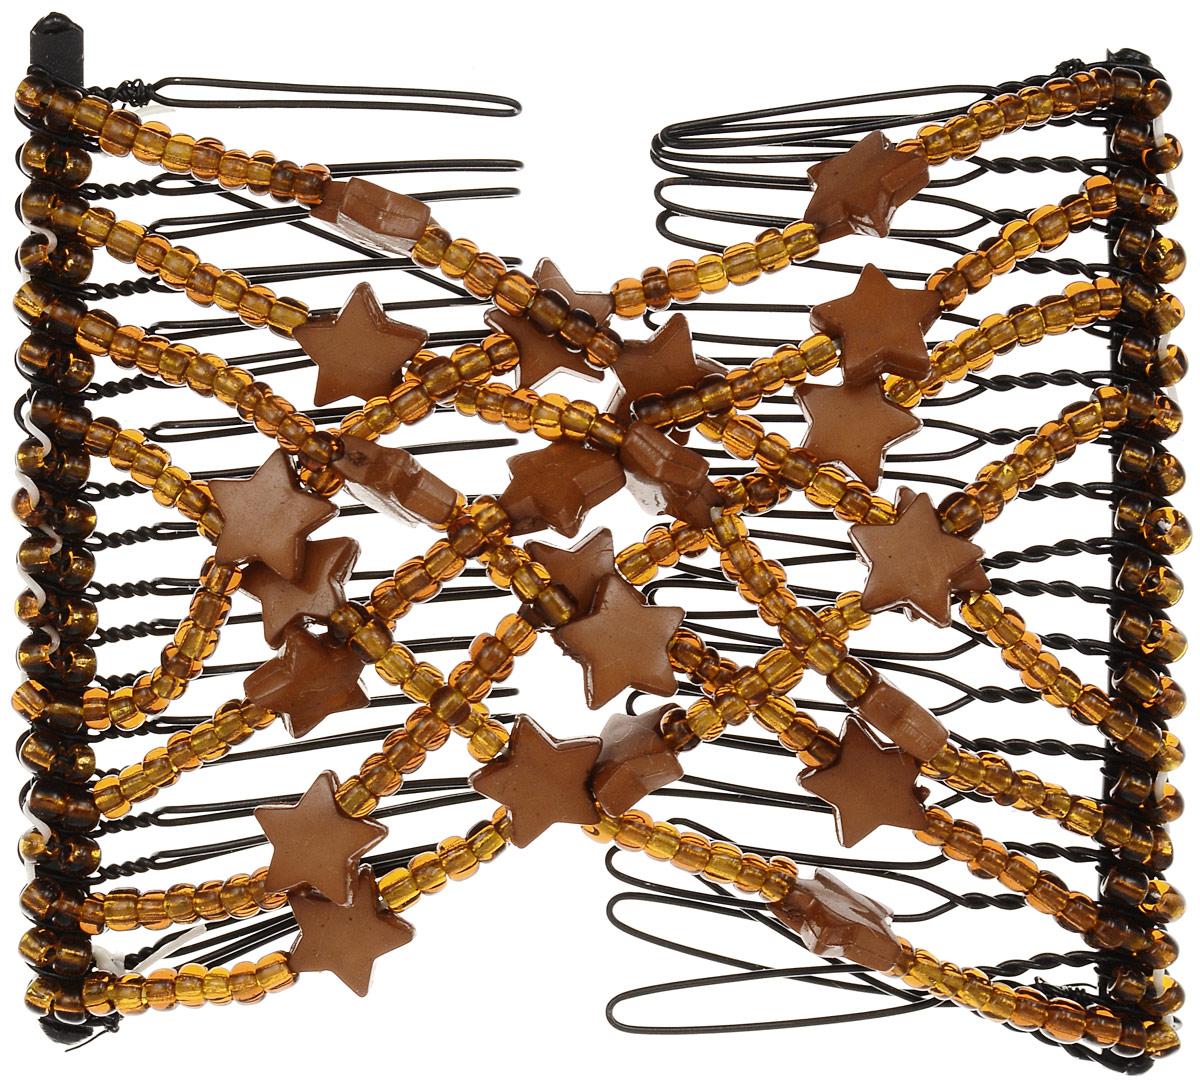 EZ-Combs Заколка Изи-Комбс, одинарная, цвет: коричневый. ЗИО_звездыЗИО_коричневый, звездыУдобная и практичная EZ-Combs подходит для любого типа волос: тонких, жестких, вьющихся или прямых, и не наносит им никакого вреда. Заколка не мешает движениям головы и не создает дискомфорта, когда вы отдыхаете или управляете автомобилем. Каждый гребень имеет по 20 зубьев для надежной фиксации заколки на волосах! И даже во время бега и интенсивных тренировок в спортзале EZ-Combs не падает; она прочно фиксирует прическу, сохраняя укладку в первозданном виде. Небольшая и легкая заколка для волос EZ-Combs поместится в любой дамской сумочке, позволяя быстро и без особых усилий создавать неповторимые прически там, где вам это удобно. Гребень прекрасно сочетается с любой одеждой: будь это классический или спортивный стиль, завершая гармоничный облик современной леди. И неважно, какой образ жизни вы ведете, если у вас есть EZ-Combs, вы всегда будете выглядеть потрясающе.